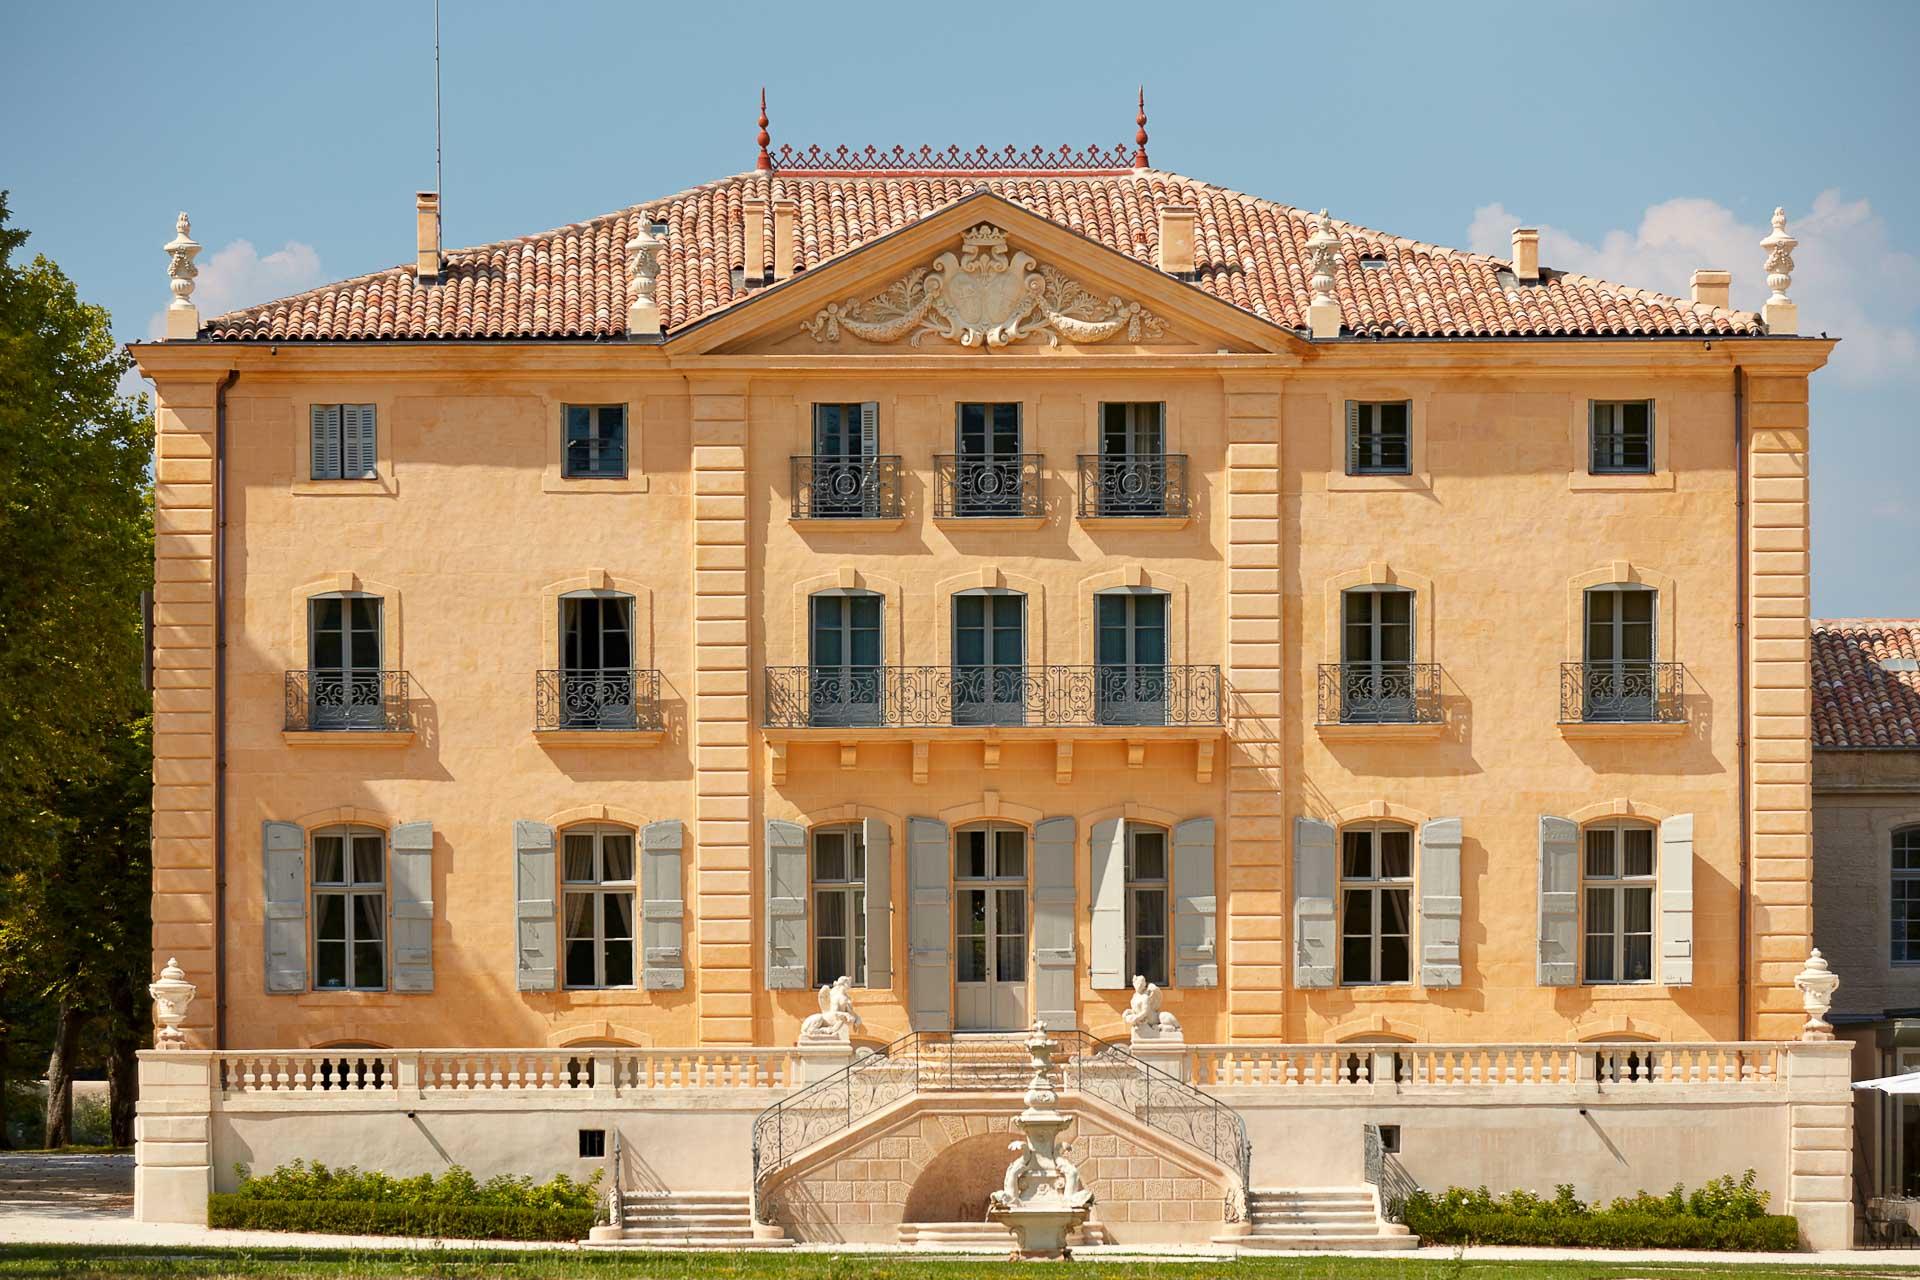 La façade historique du Château de Fonscolombe.